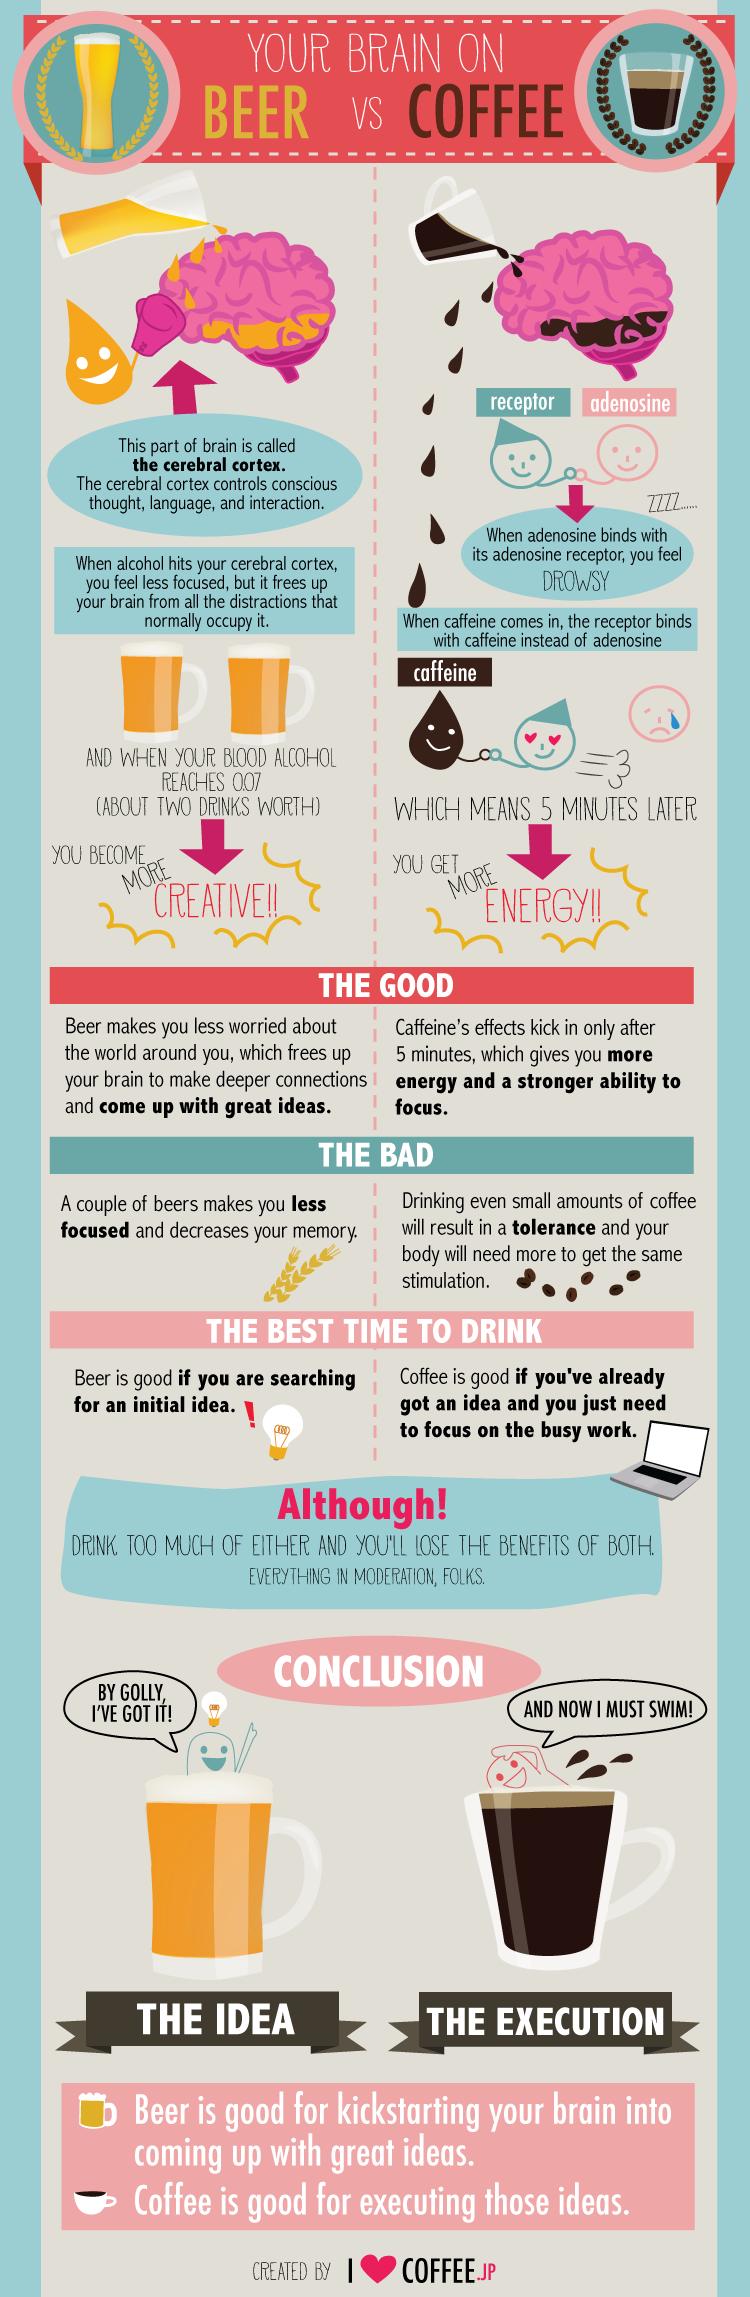 brain-on-coffee-versus-beer